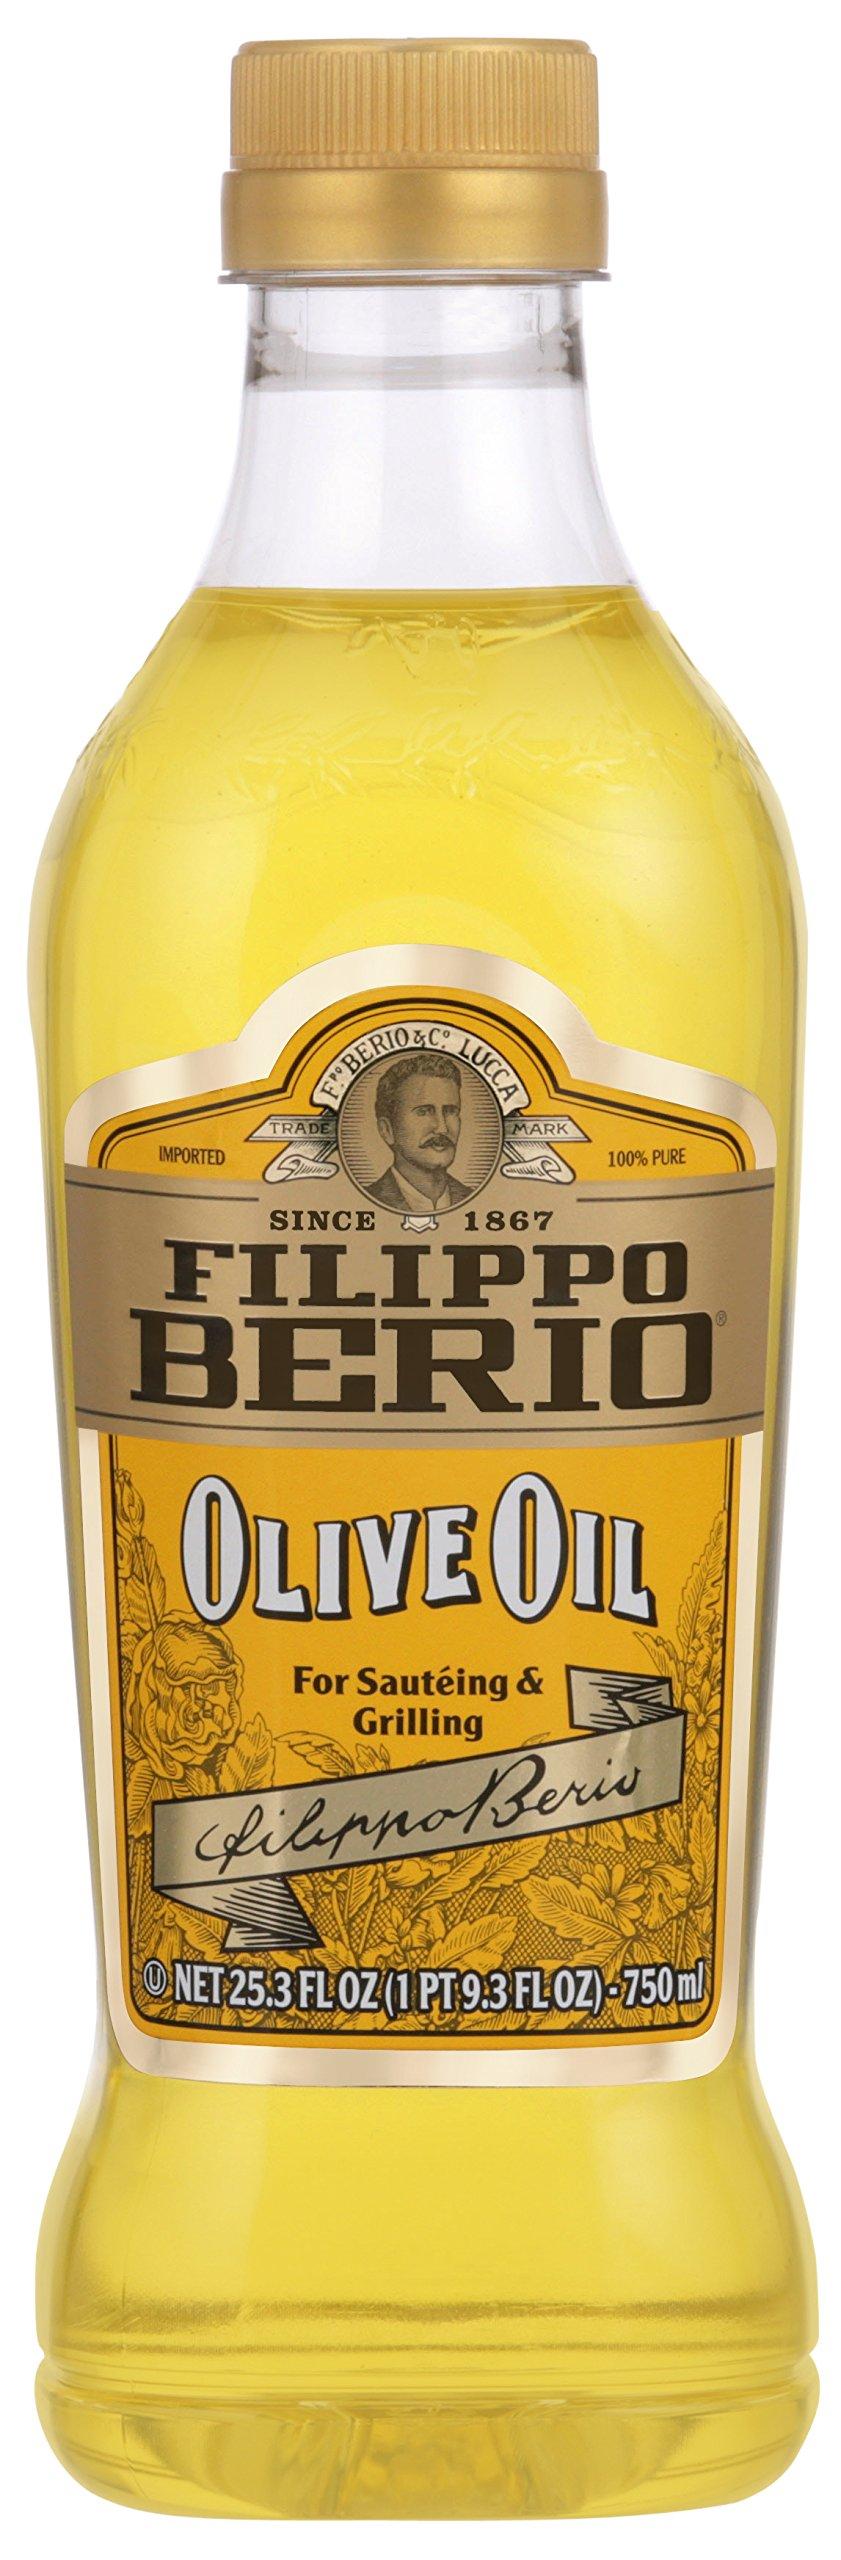 Filippo Berio Olive Oil, 25.3-Ounce by Filippo Berio (Image #1)